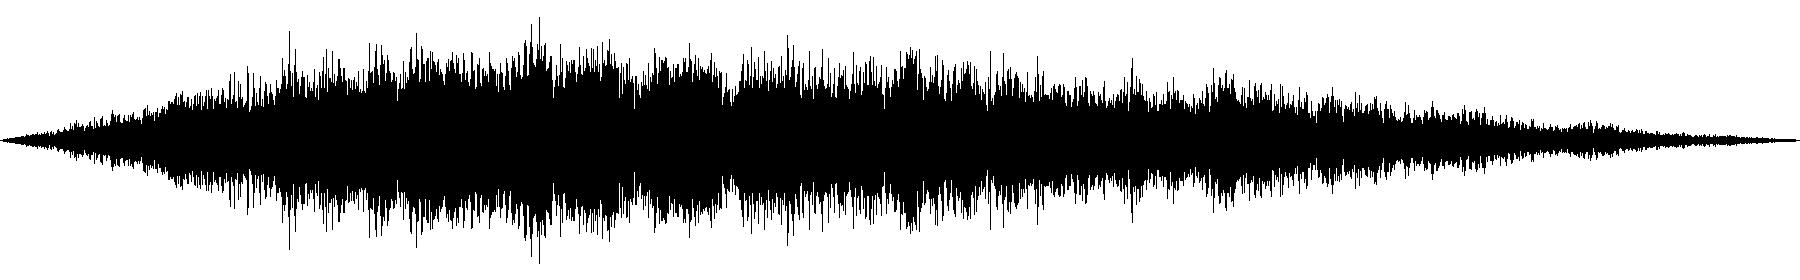 vfx1 atmos 31